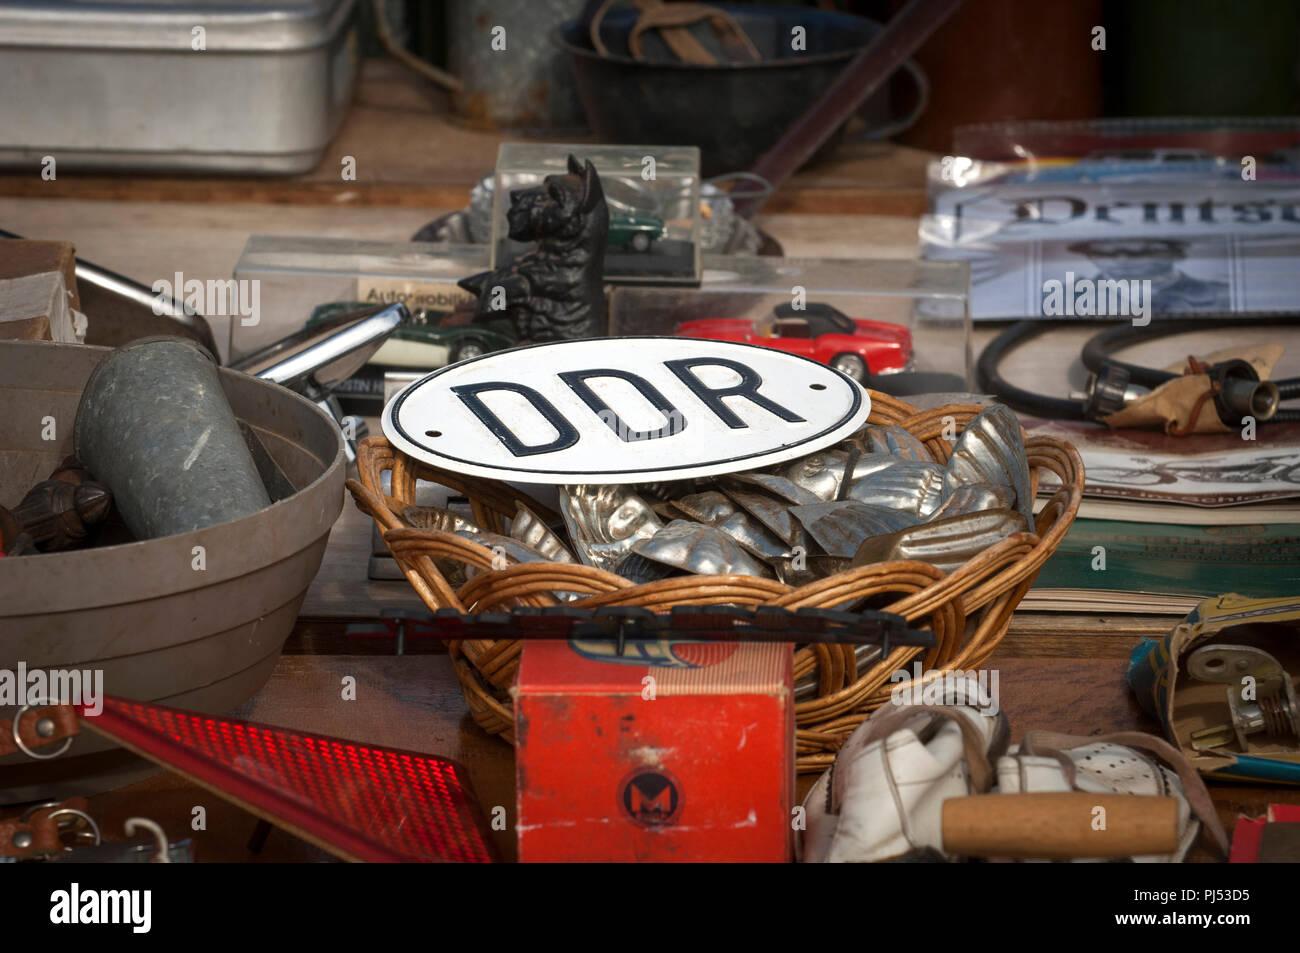 Ddr-Nostalgie für die DDR zu einem Trabant Rally in Zwickau, Sachsen, Deutschland. Stockbild